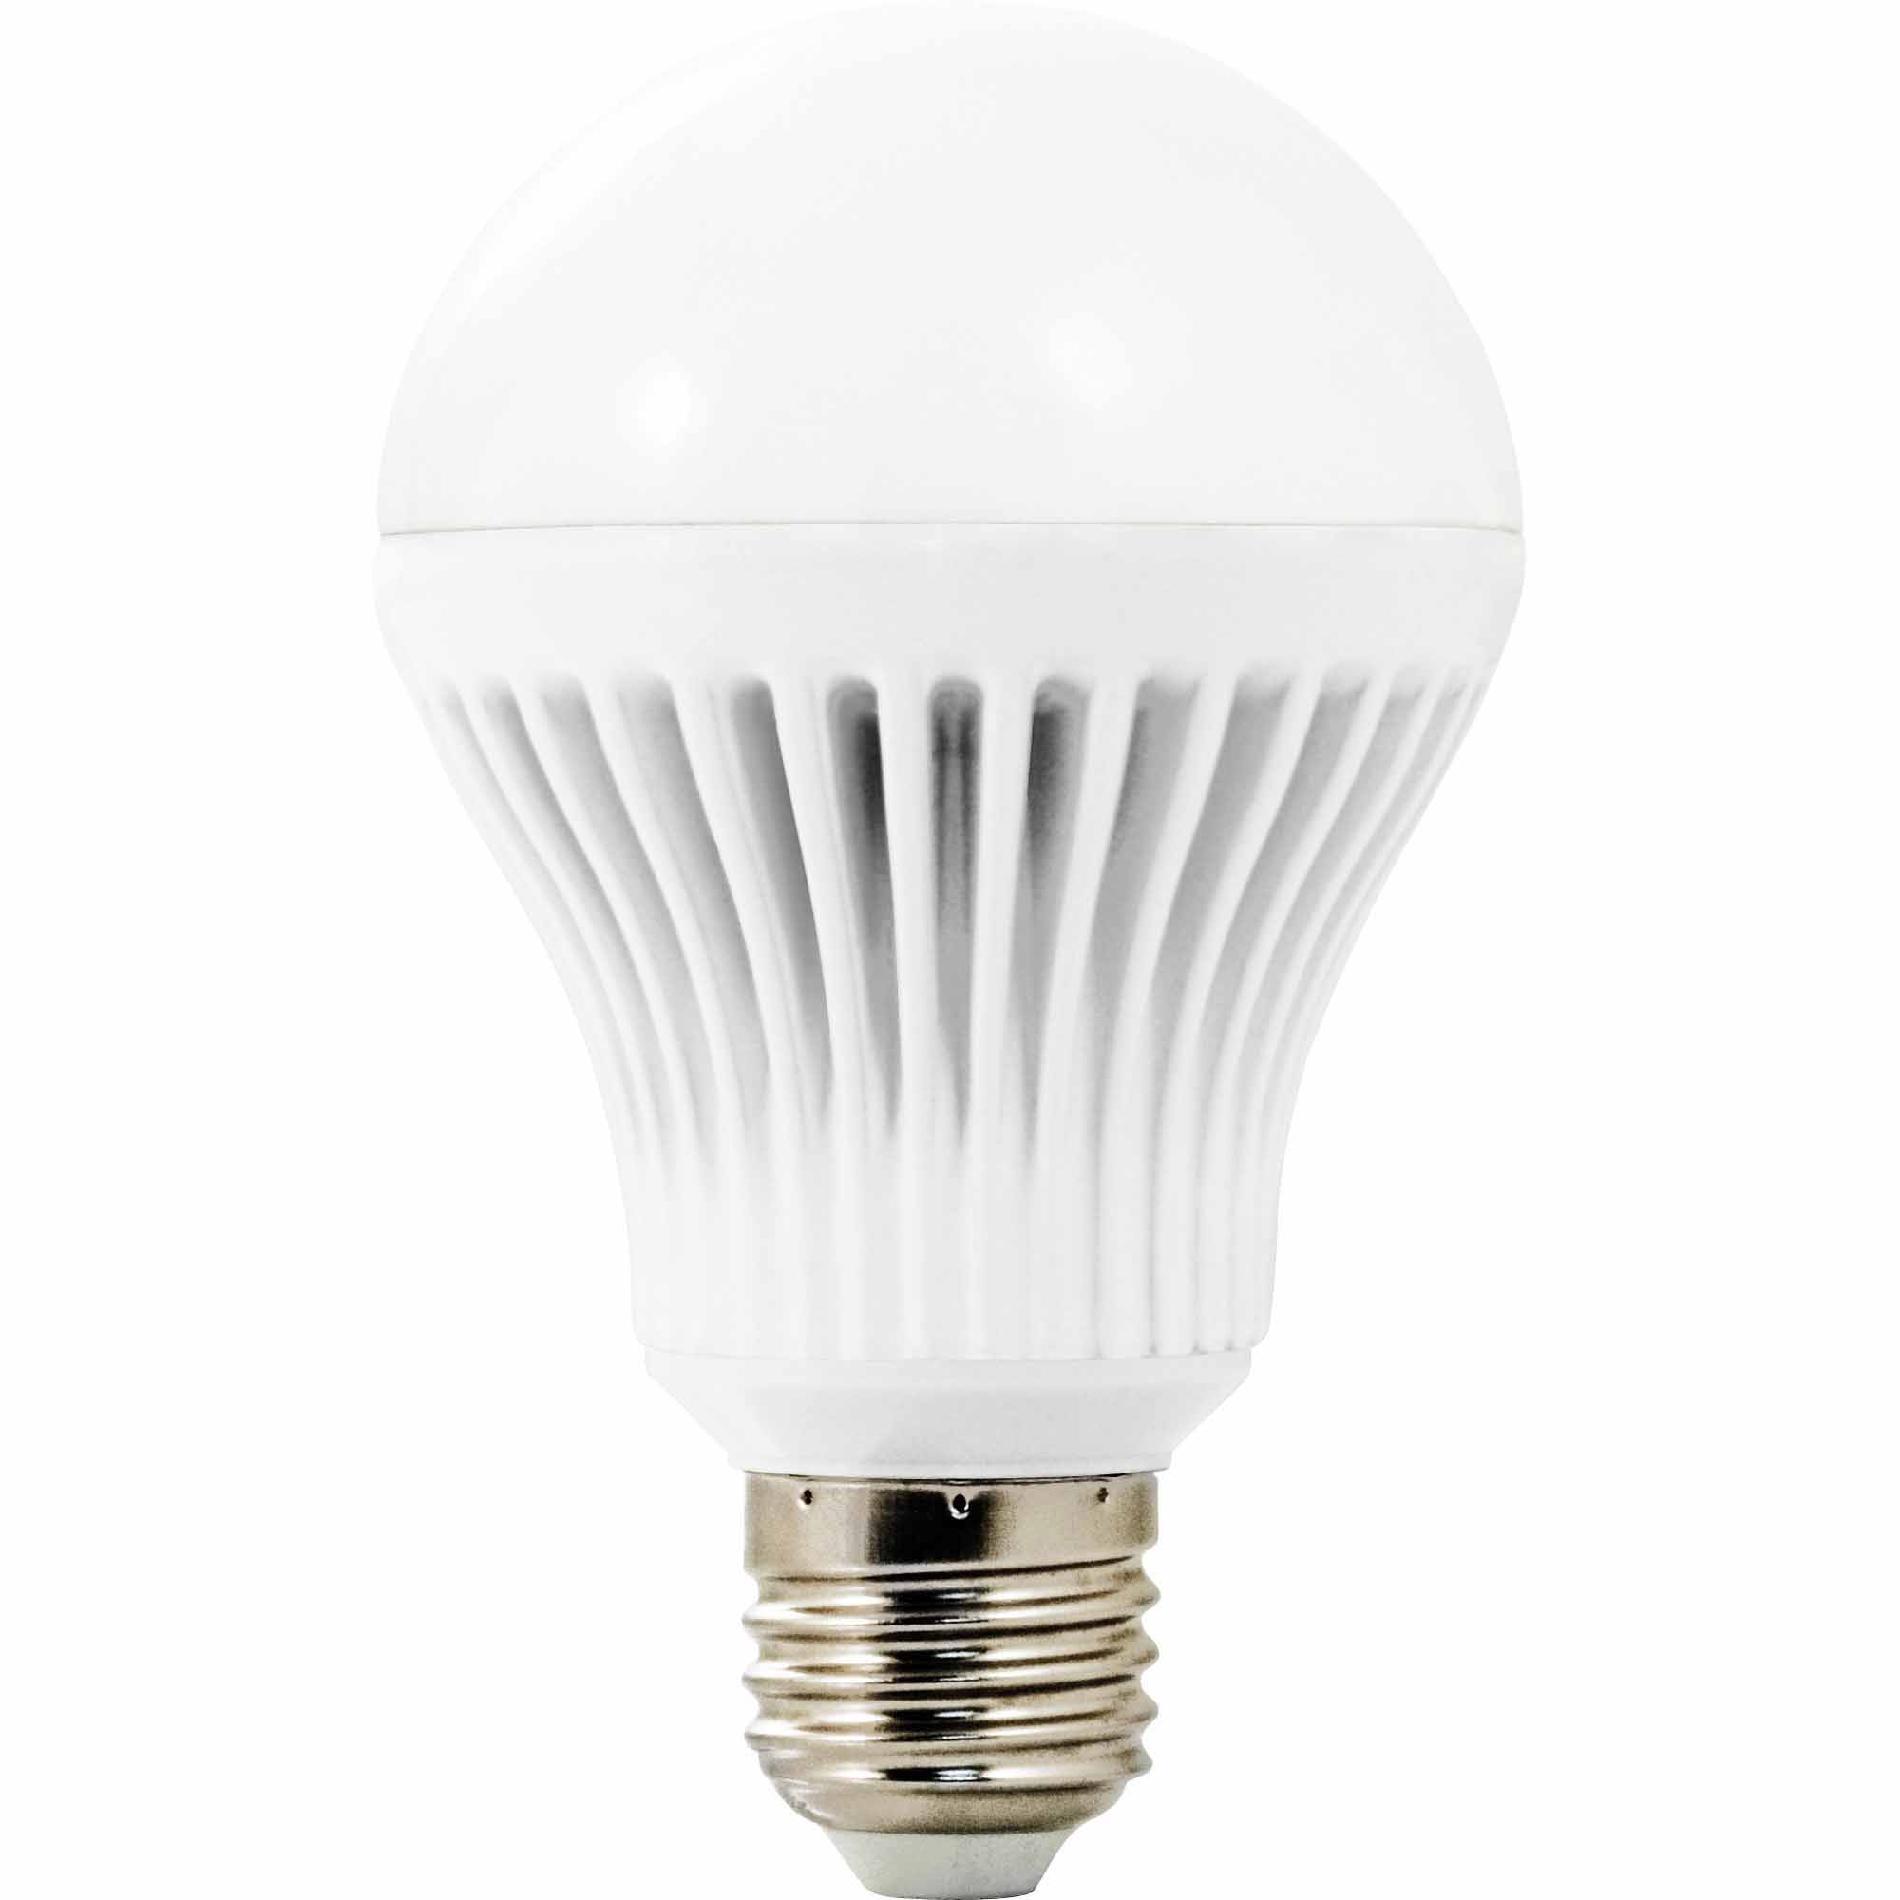 Kmart Light Bulbs